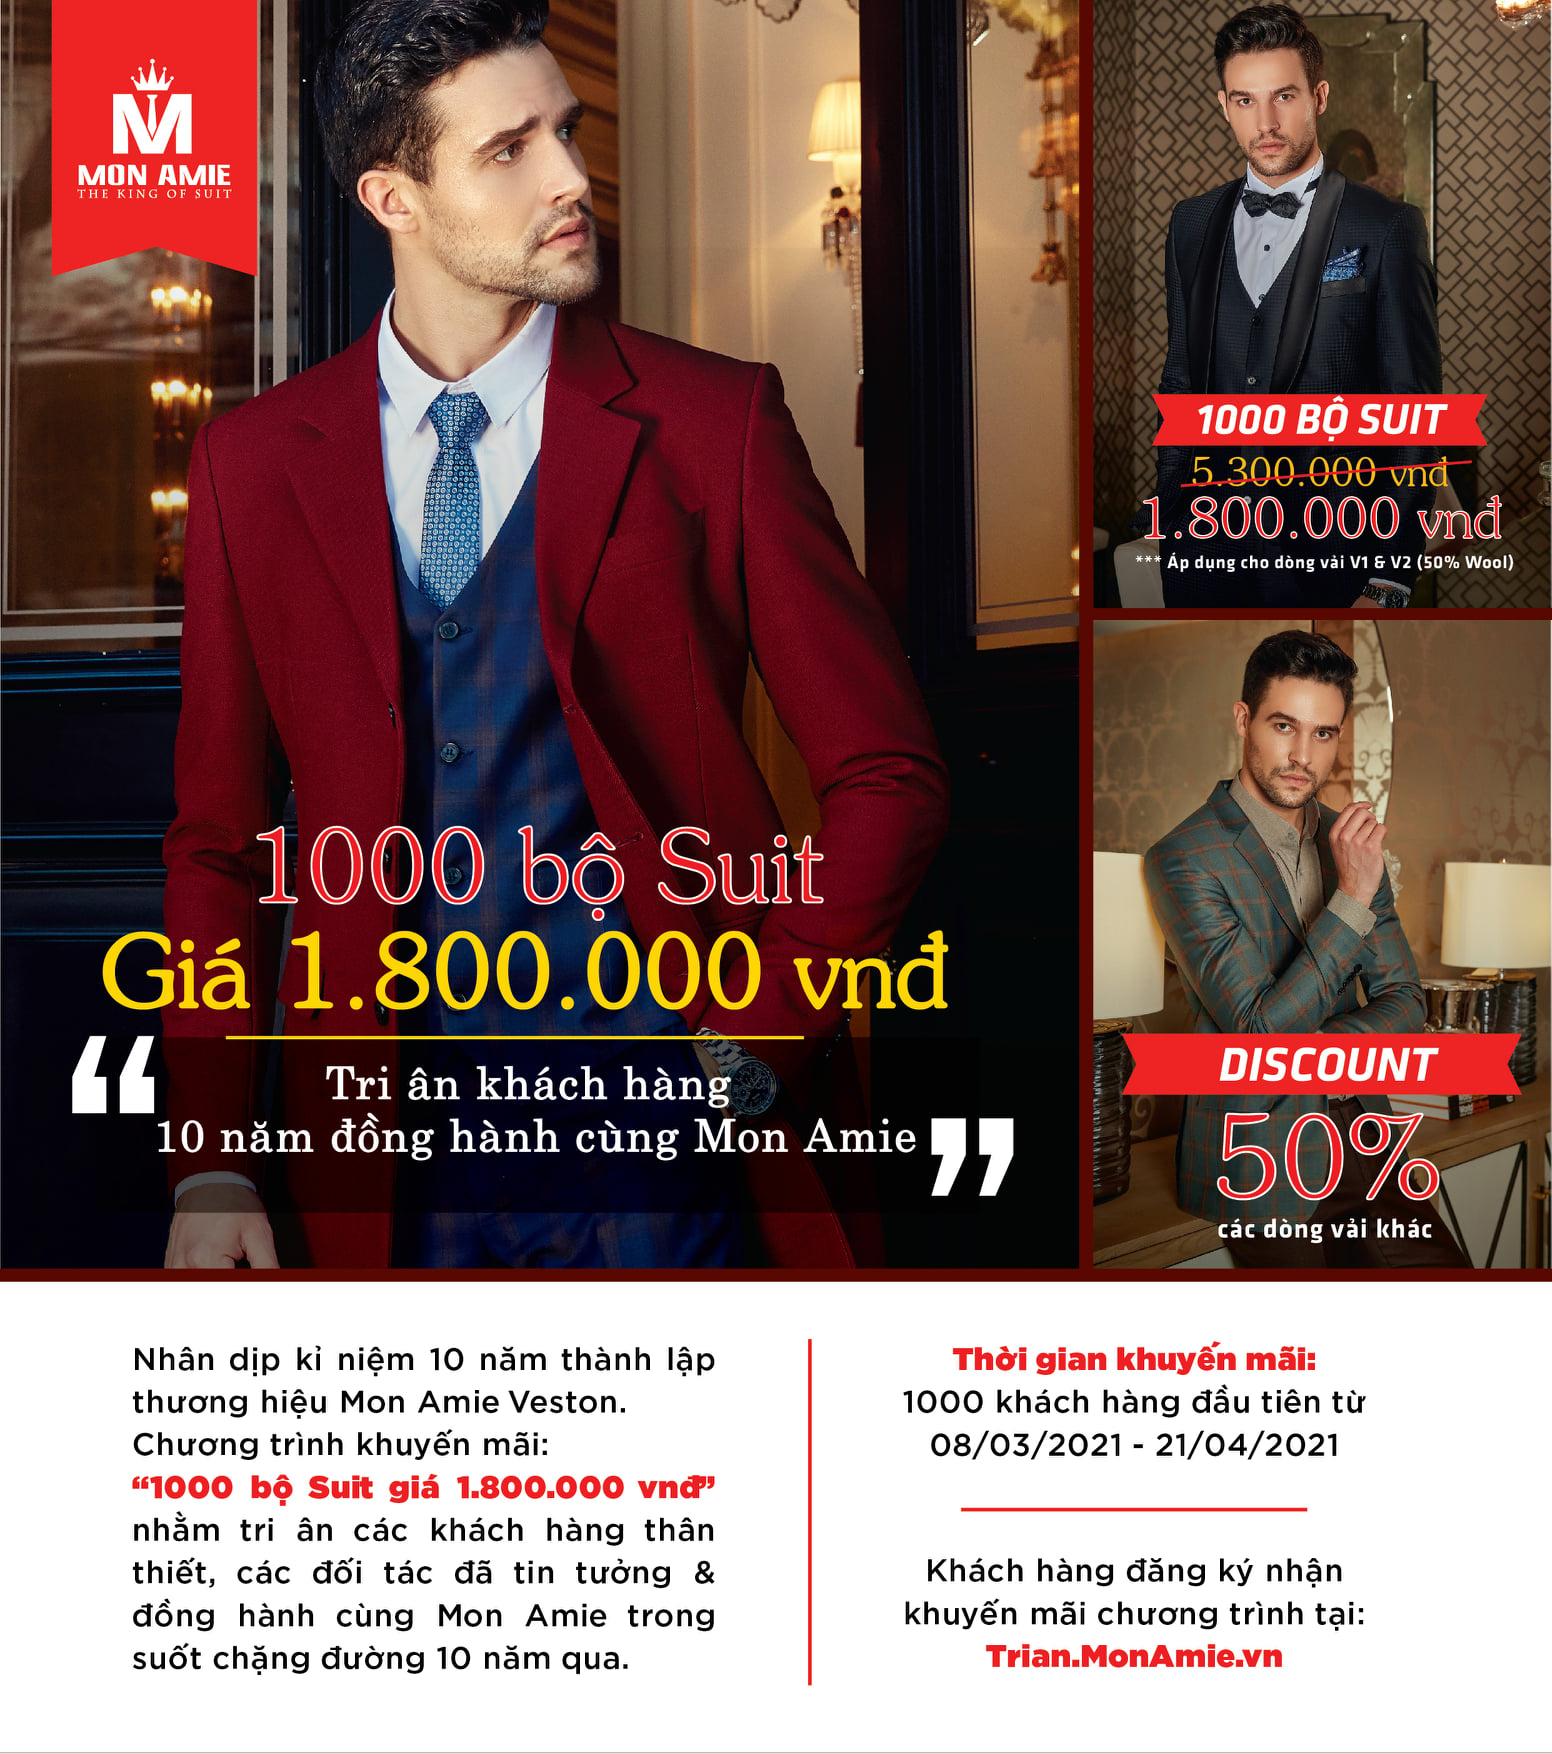 Đã có ⅓ trong tổng số 1.000 bộ suit giá 1.800.000 vnđ được khách hàng Mon Amie đặt may